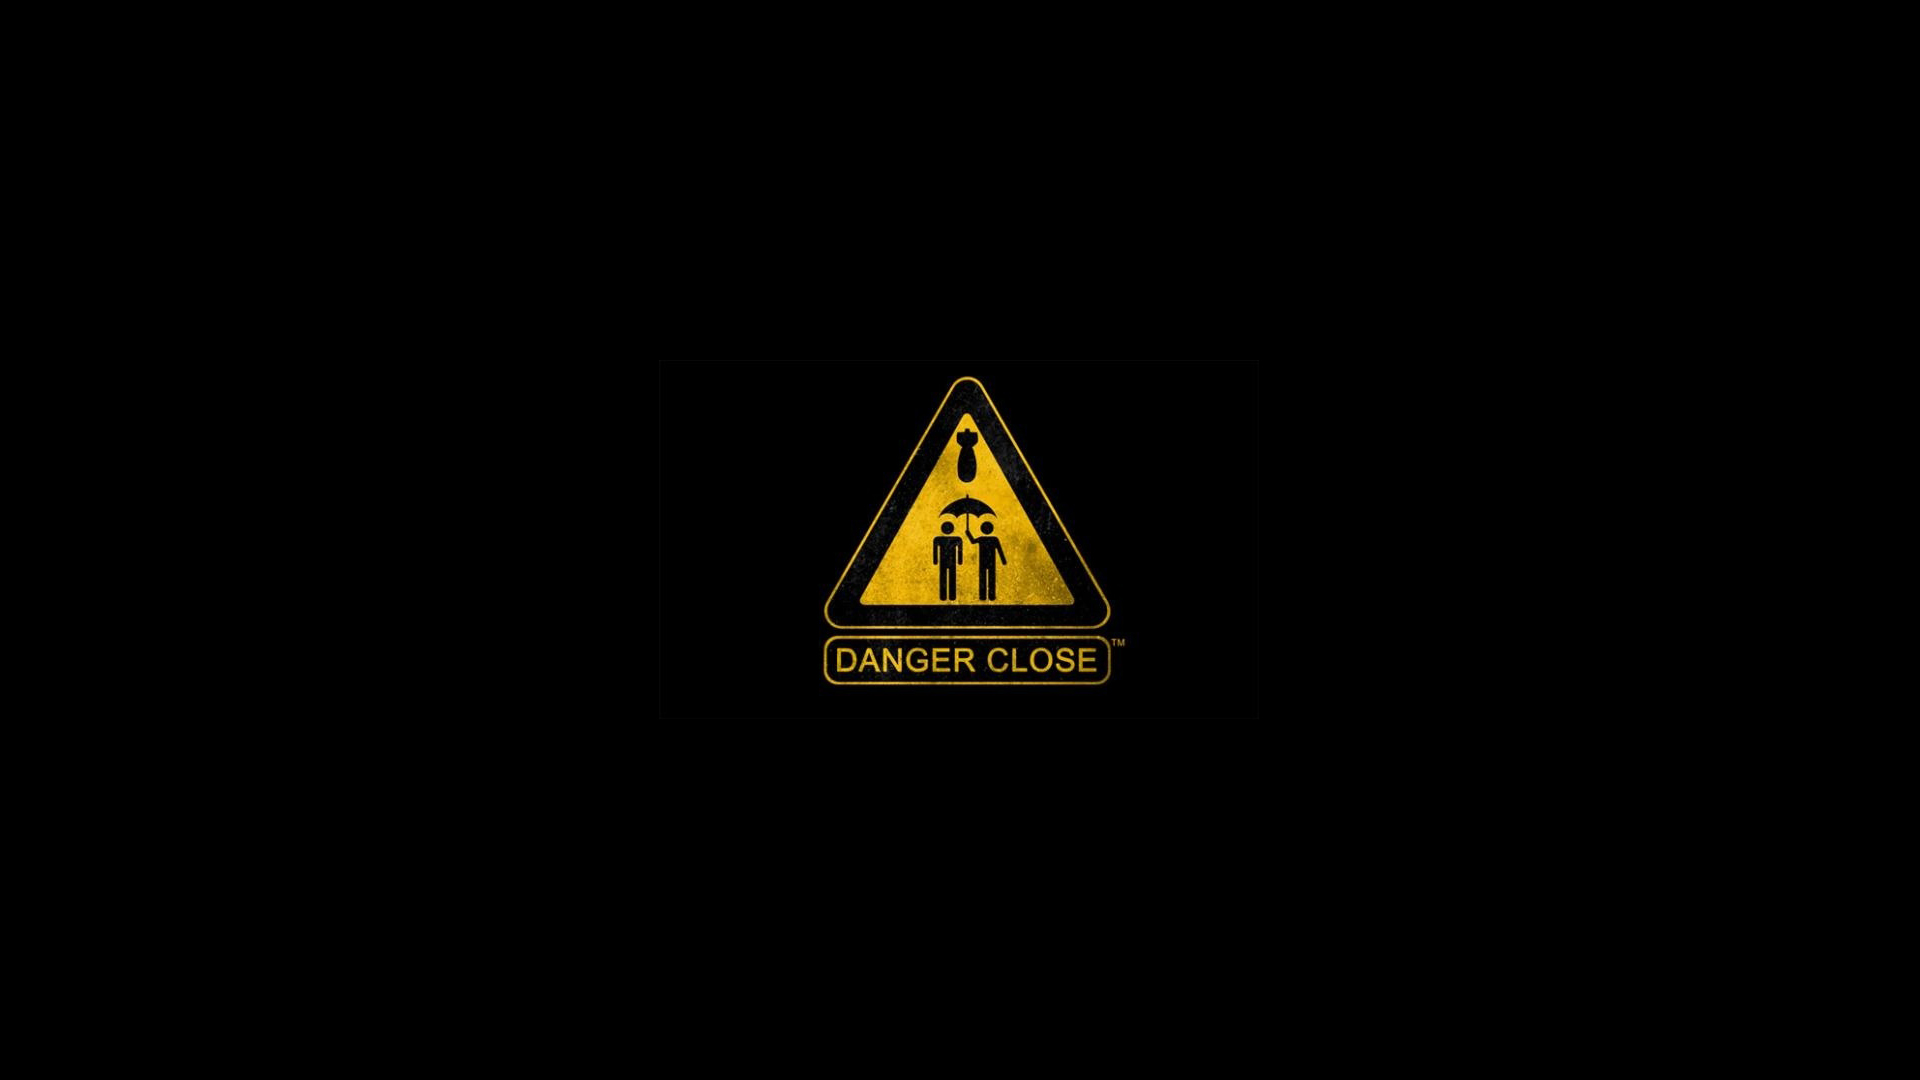 danger love wallpaper - danger wallpapers (50 wallpapers) – adorable